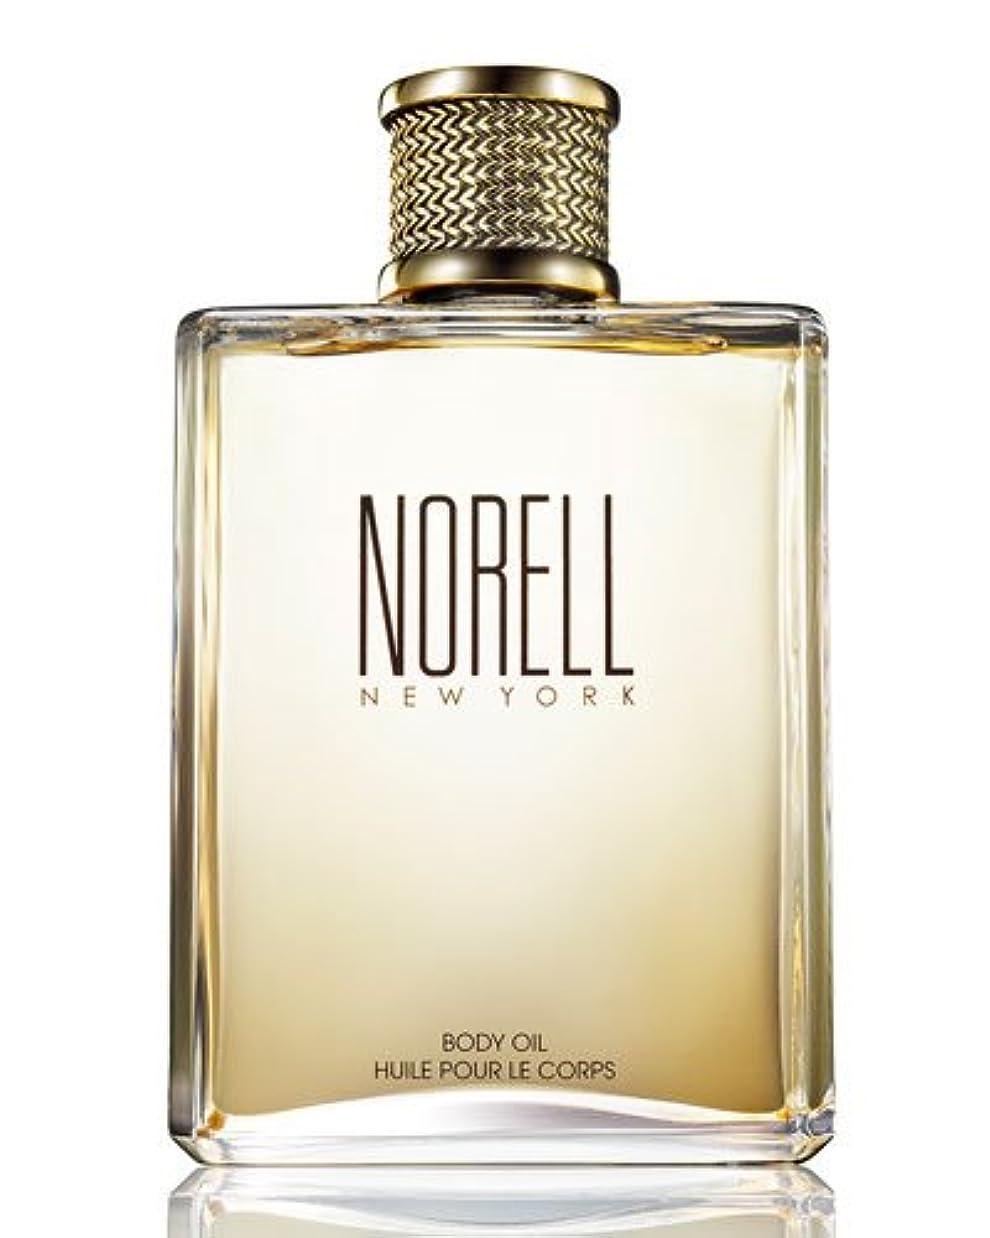 テレビを見るに頼る自動的にNorell (ノレル) 8.0 oz (240ml) Body Oil by Norell New York